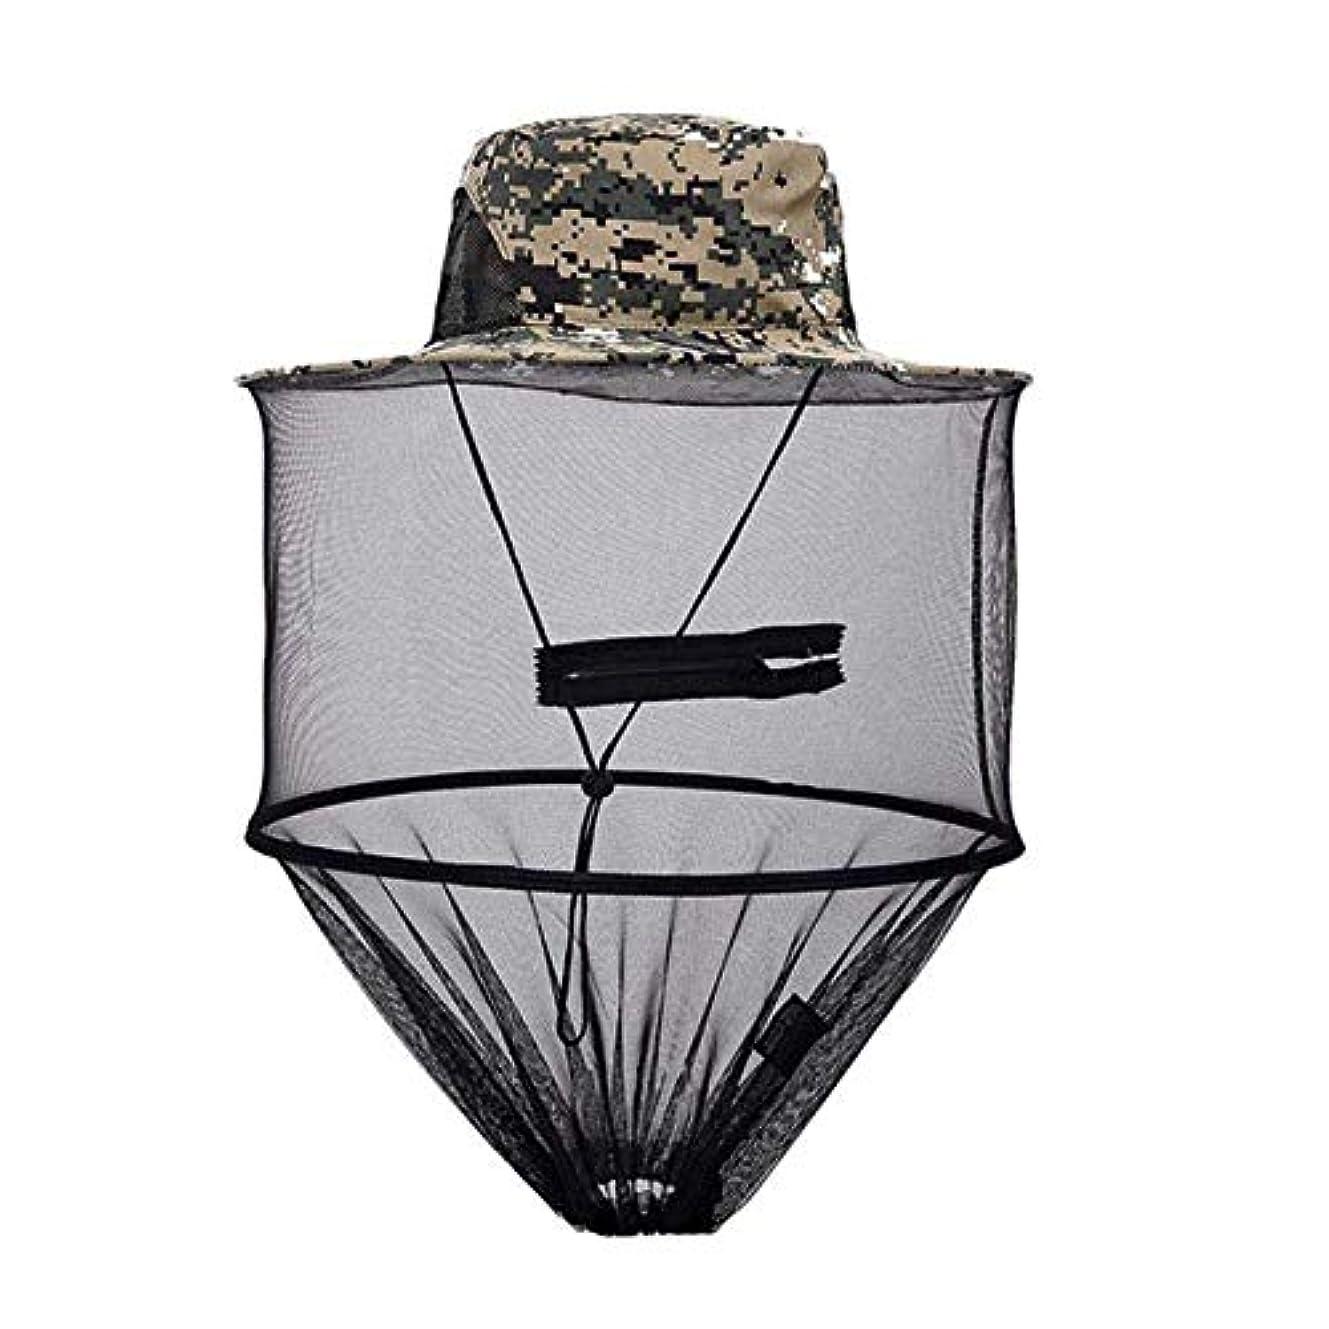 警報増強お別れSaikogoods アウトドアキャンプハイキング狩猟のためにネットメッシュ?ヘッドフェイスプロテクター 釣りの帽子蚊キャップ ミッジフライバグ昆虫蜂ハット デジタル迷彩